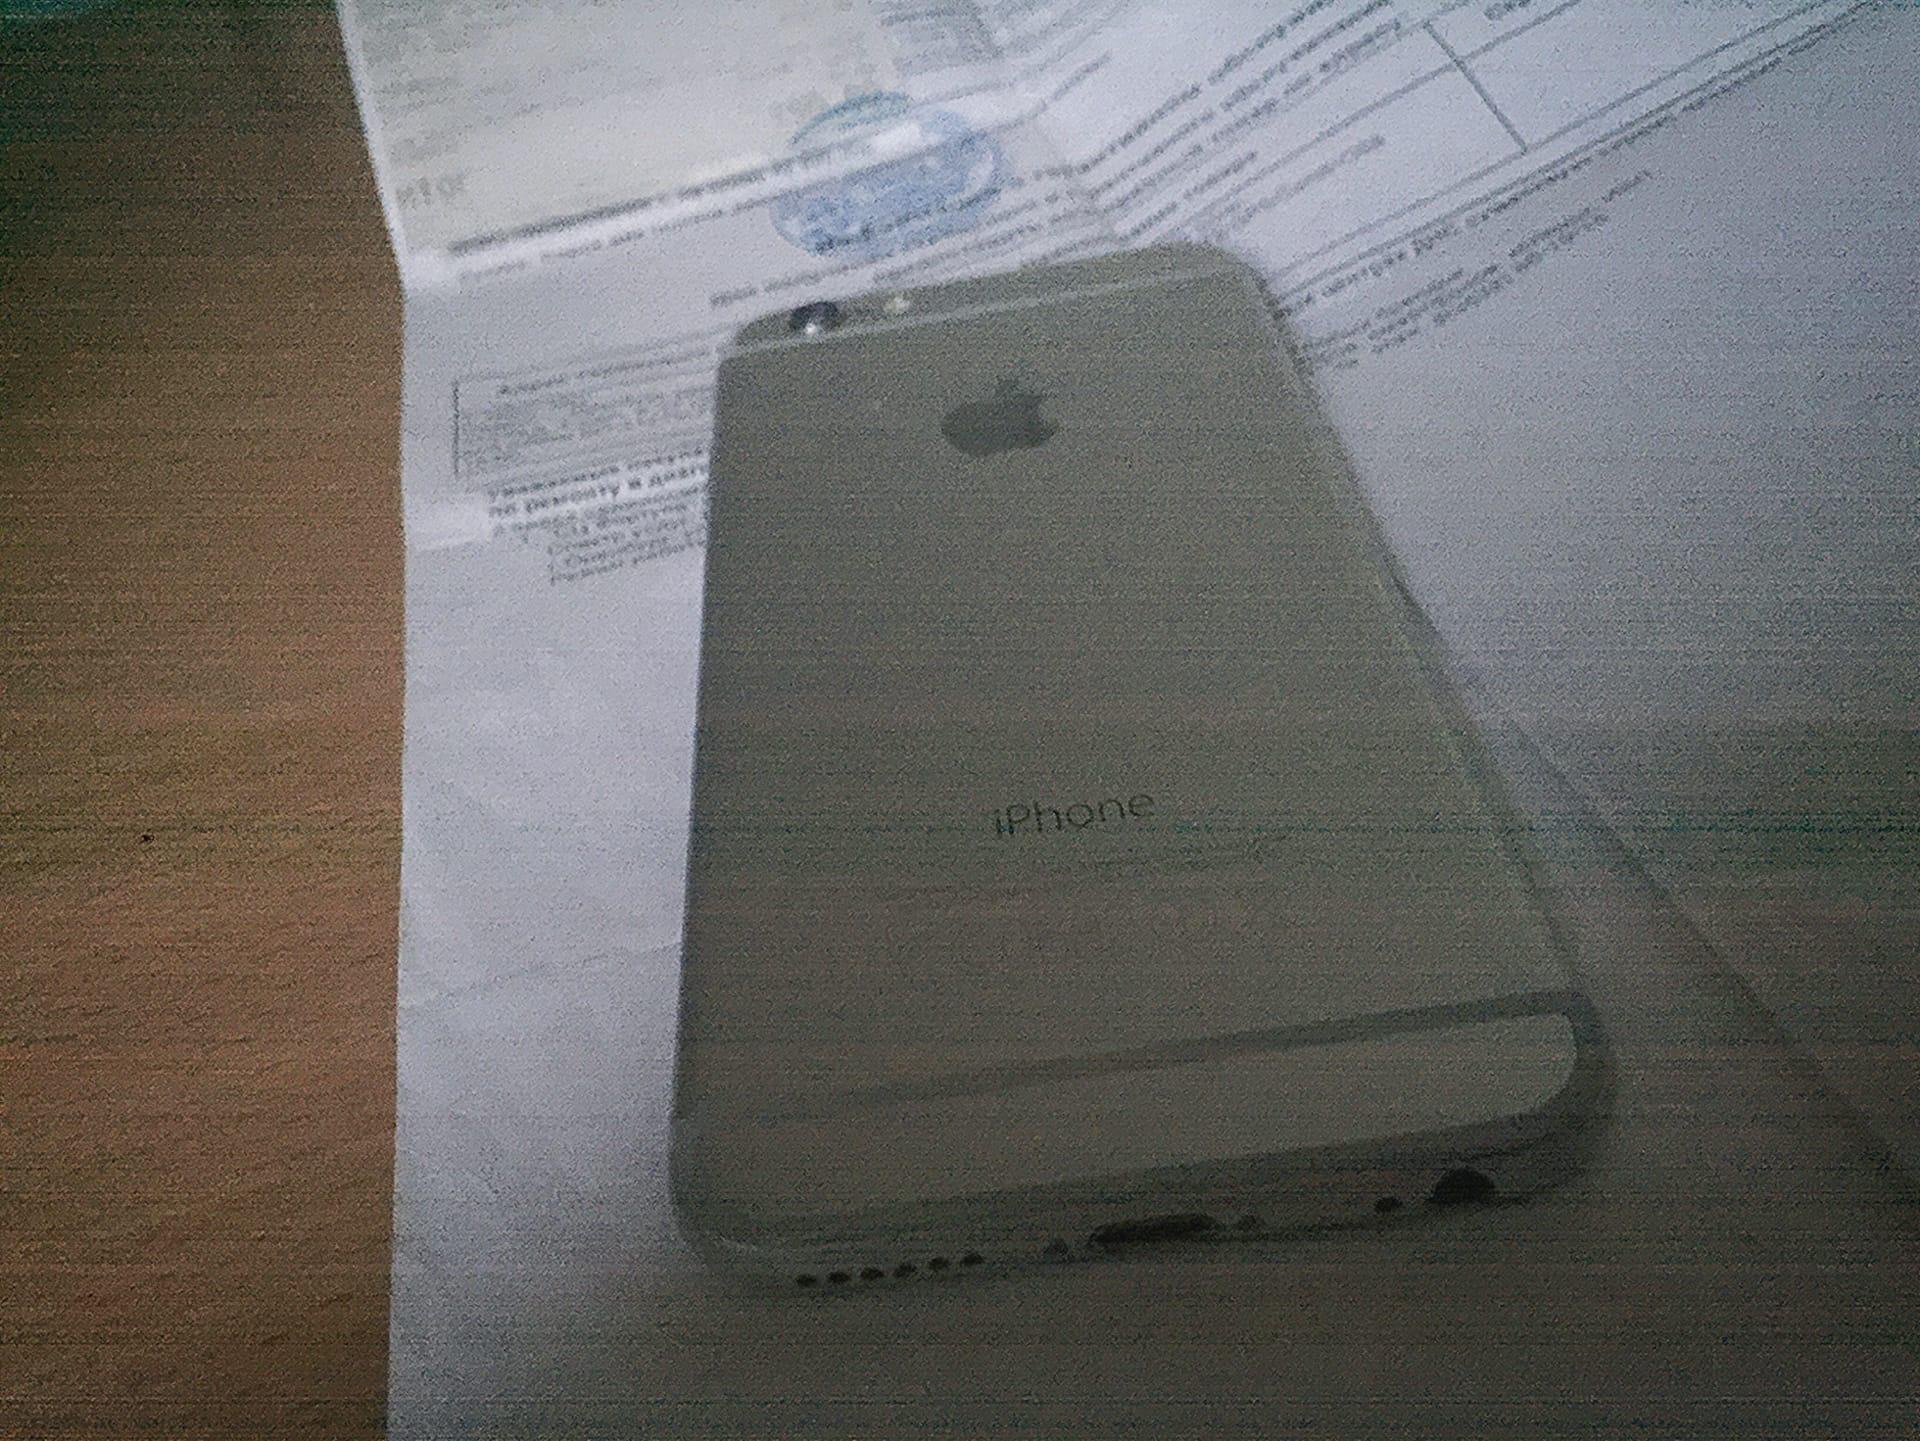 Купить iPhone 6 silver в отличном состоянии. | Объявления Орска и Новотроицка №2346